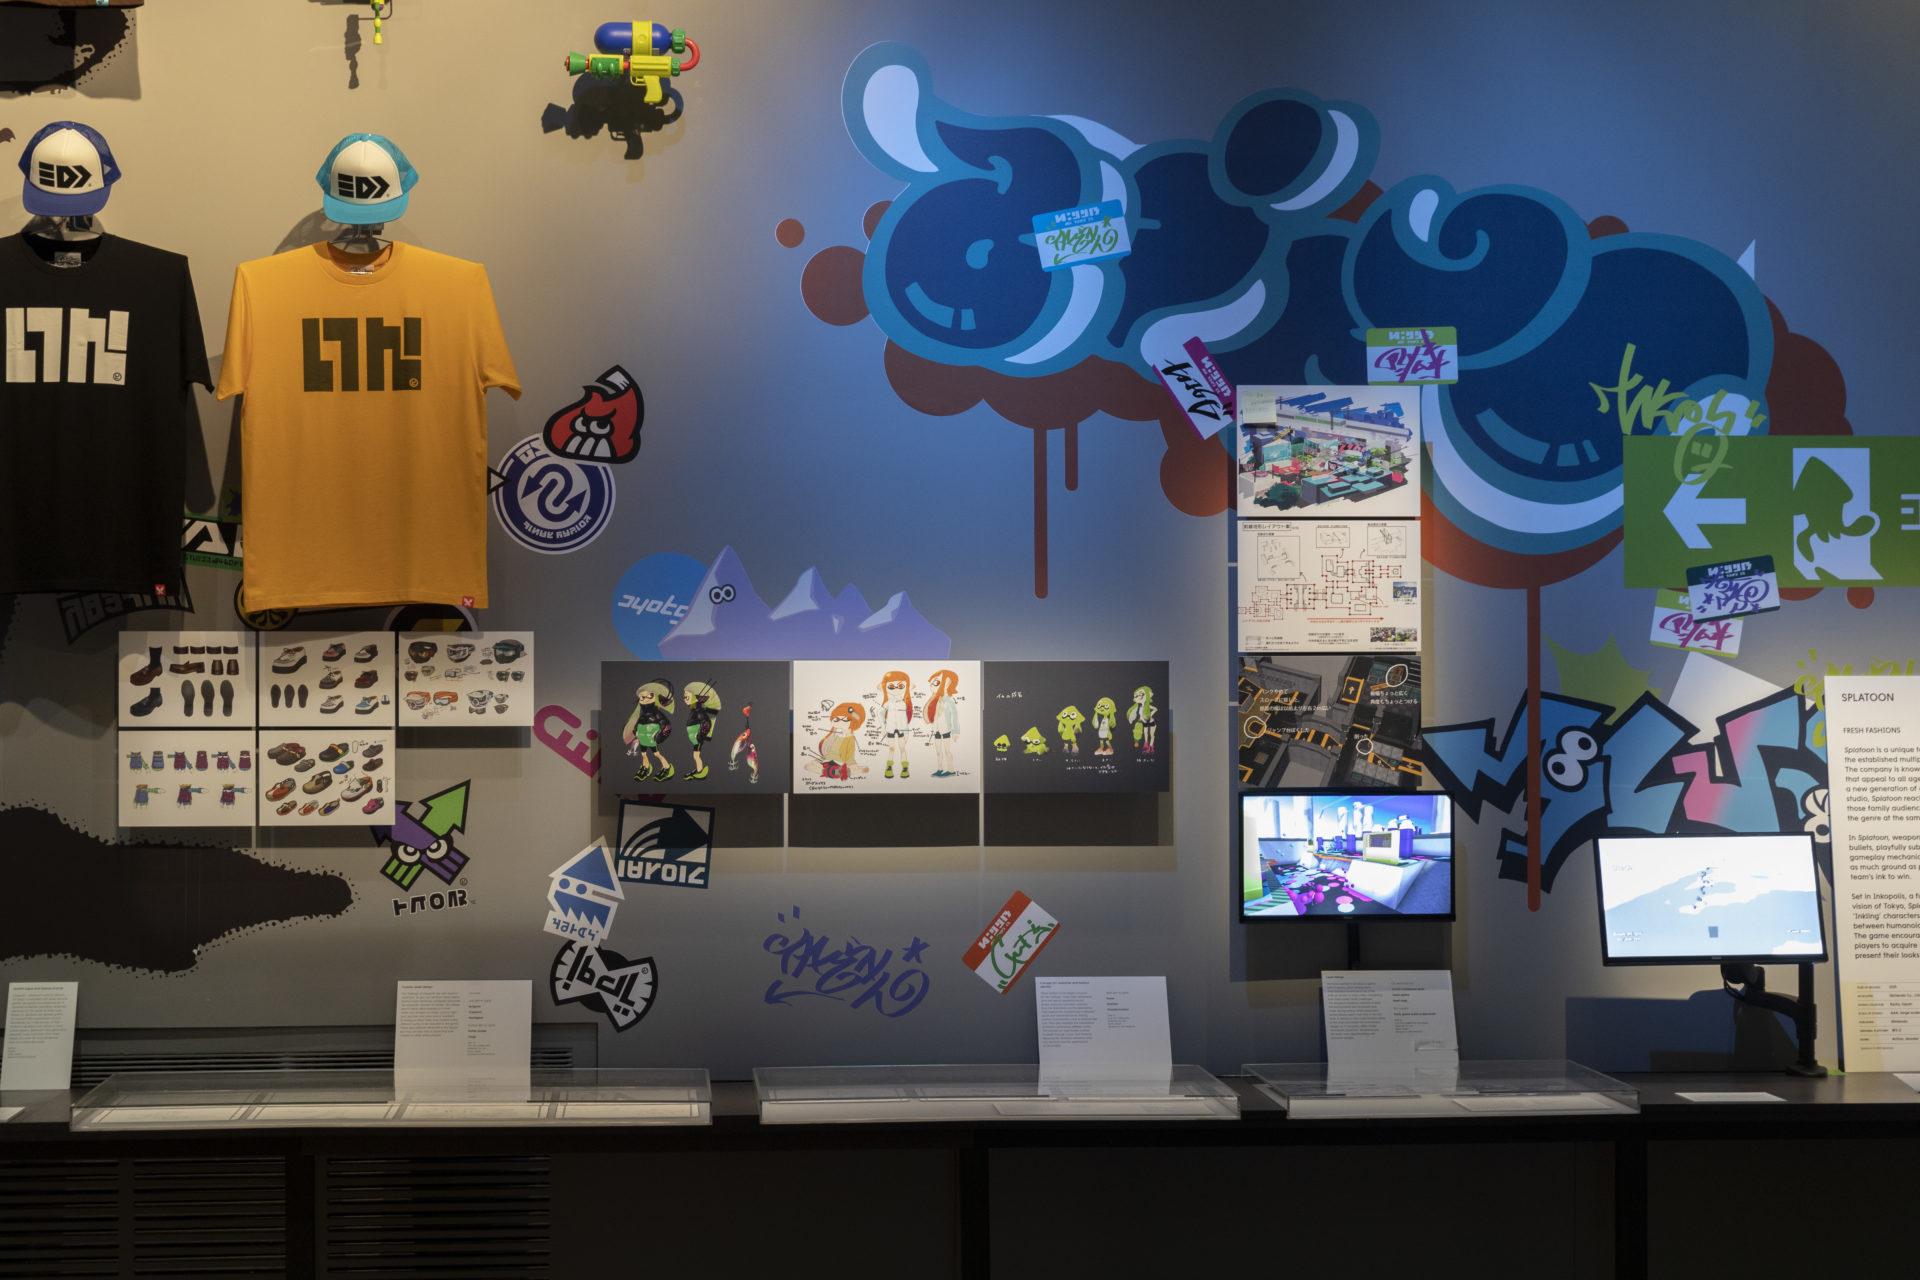 展覽不僅呈現遊戲畫面,更將創作過程與周邊產品一併展出。